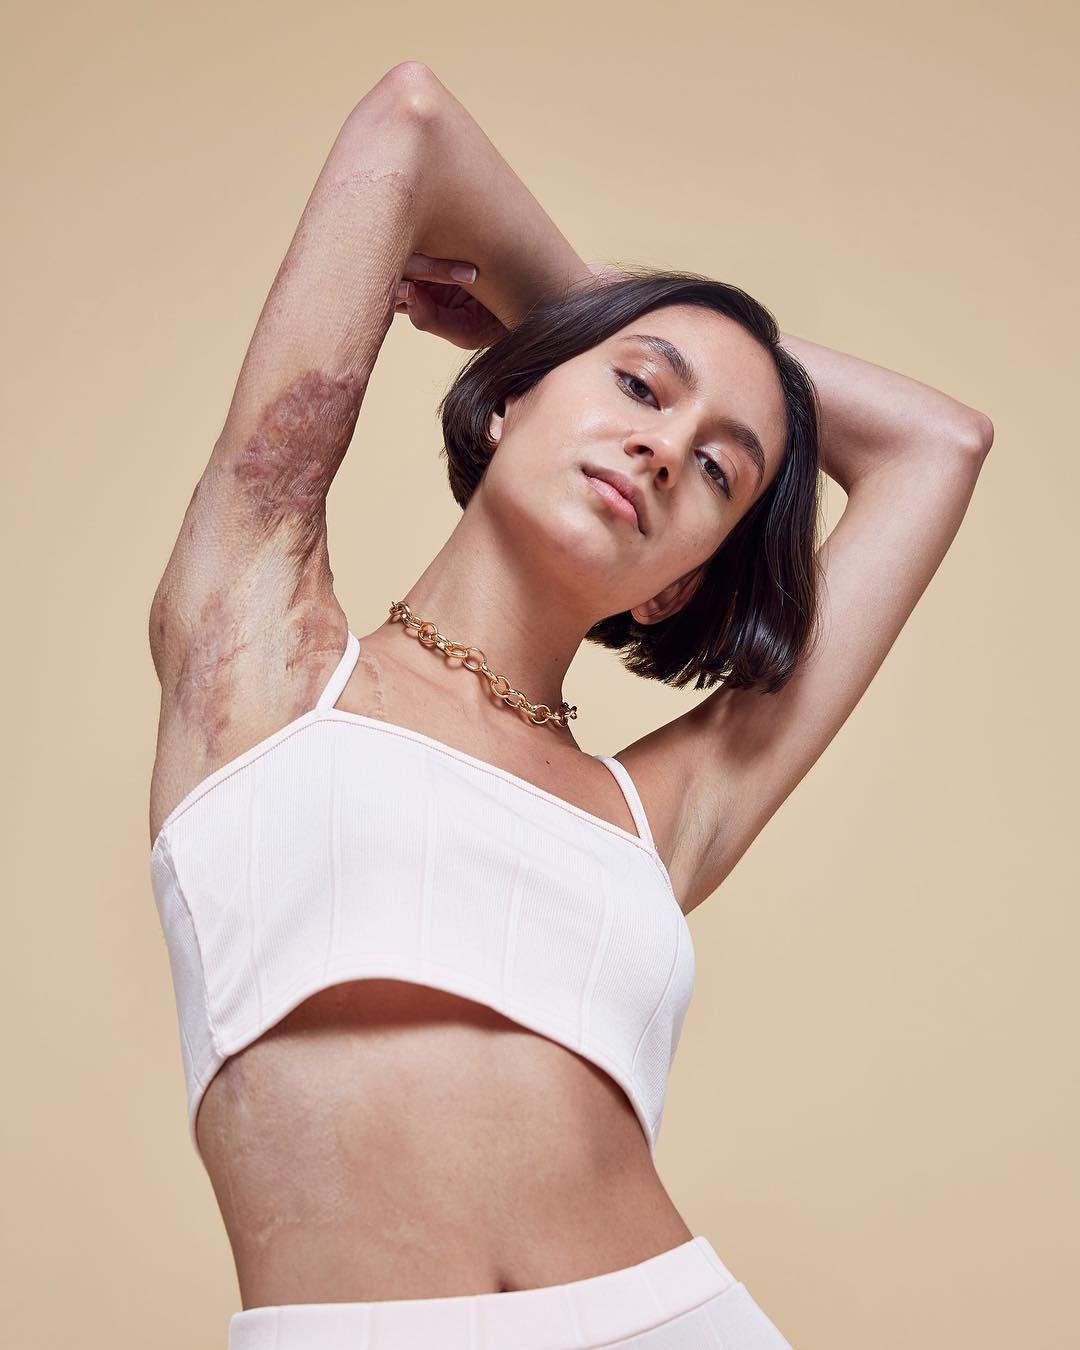 Isabella FernandesModelo con algunas partes del cuerpo quemadas